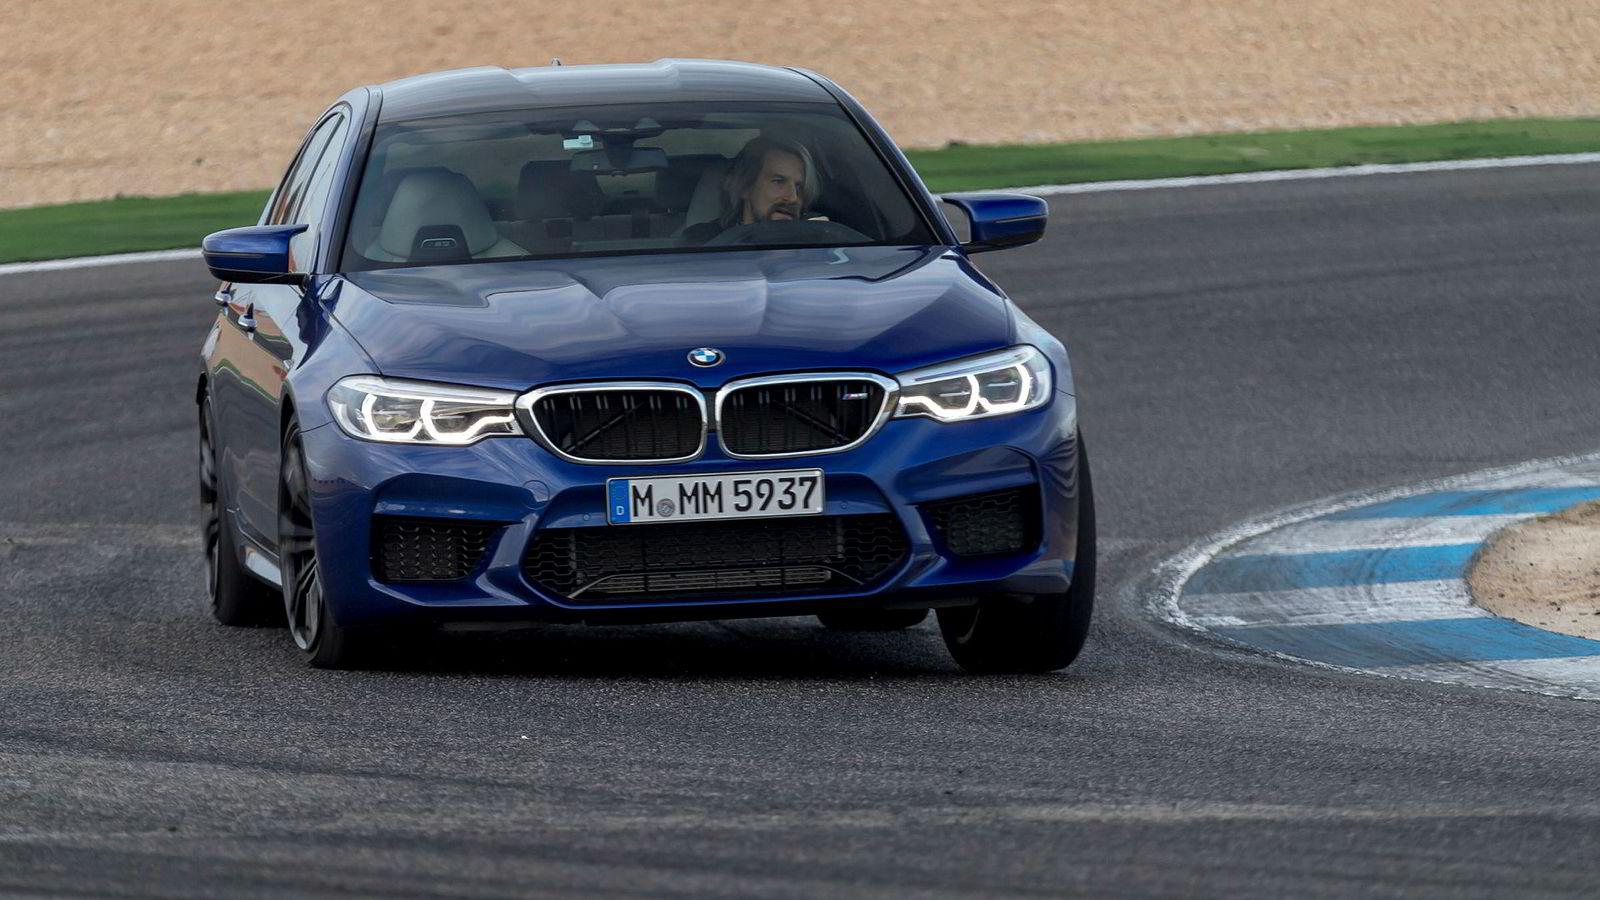 En ny generasjon BMW M5 kommer til Norge i mars. Her kjører DN bilen i Portugal.